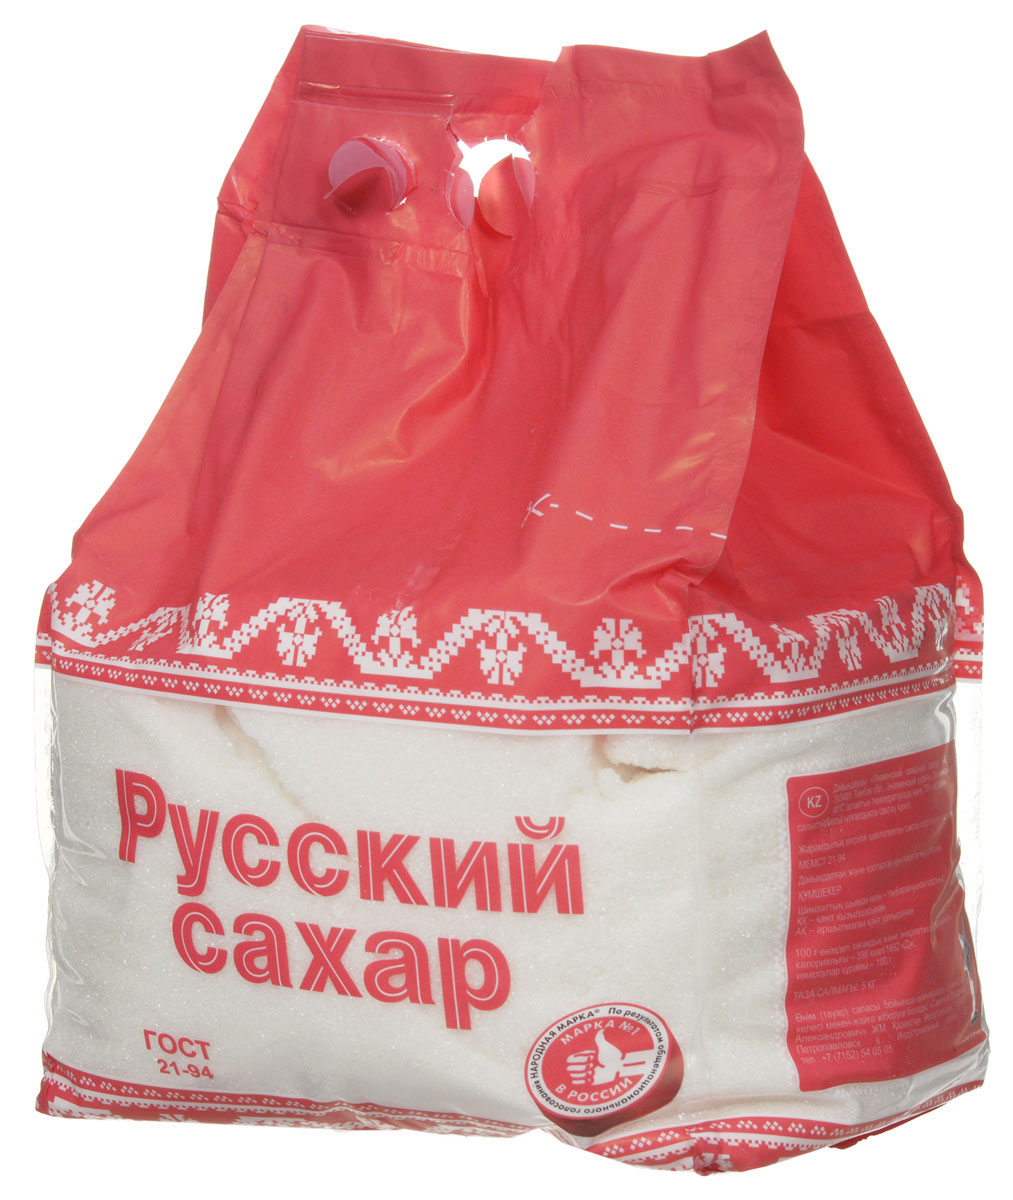 Фото Русский сахар сахарный песок, 5 кг. Купить  в РФ